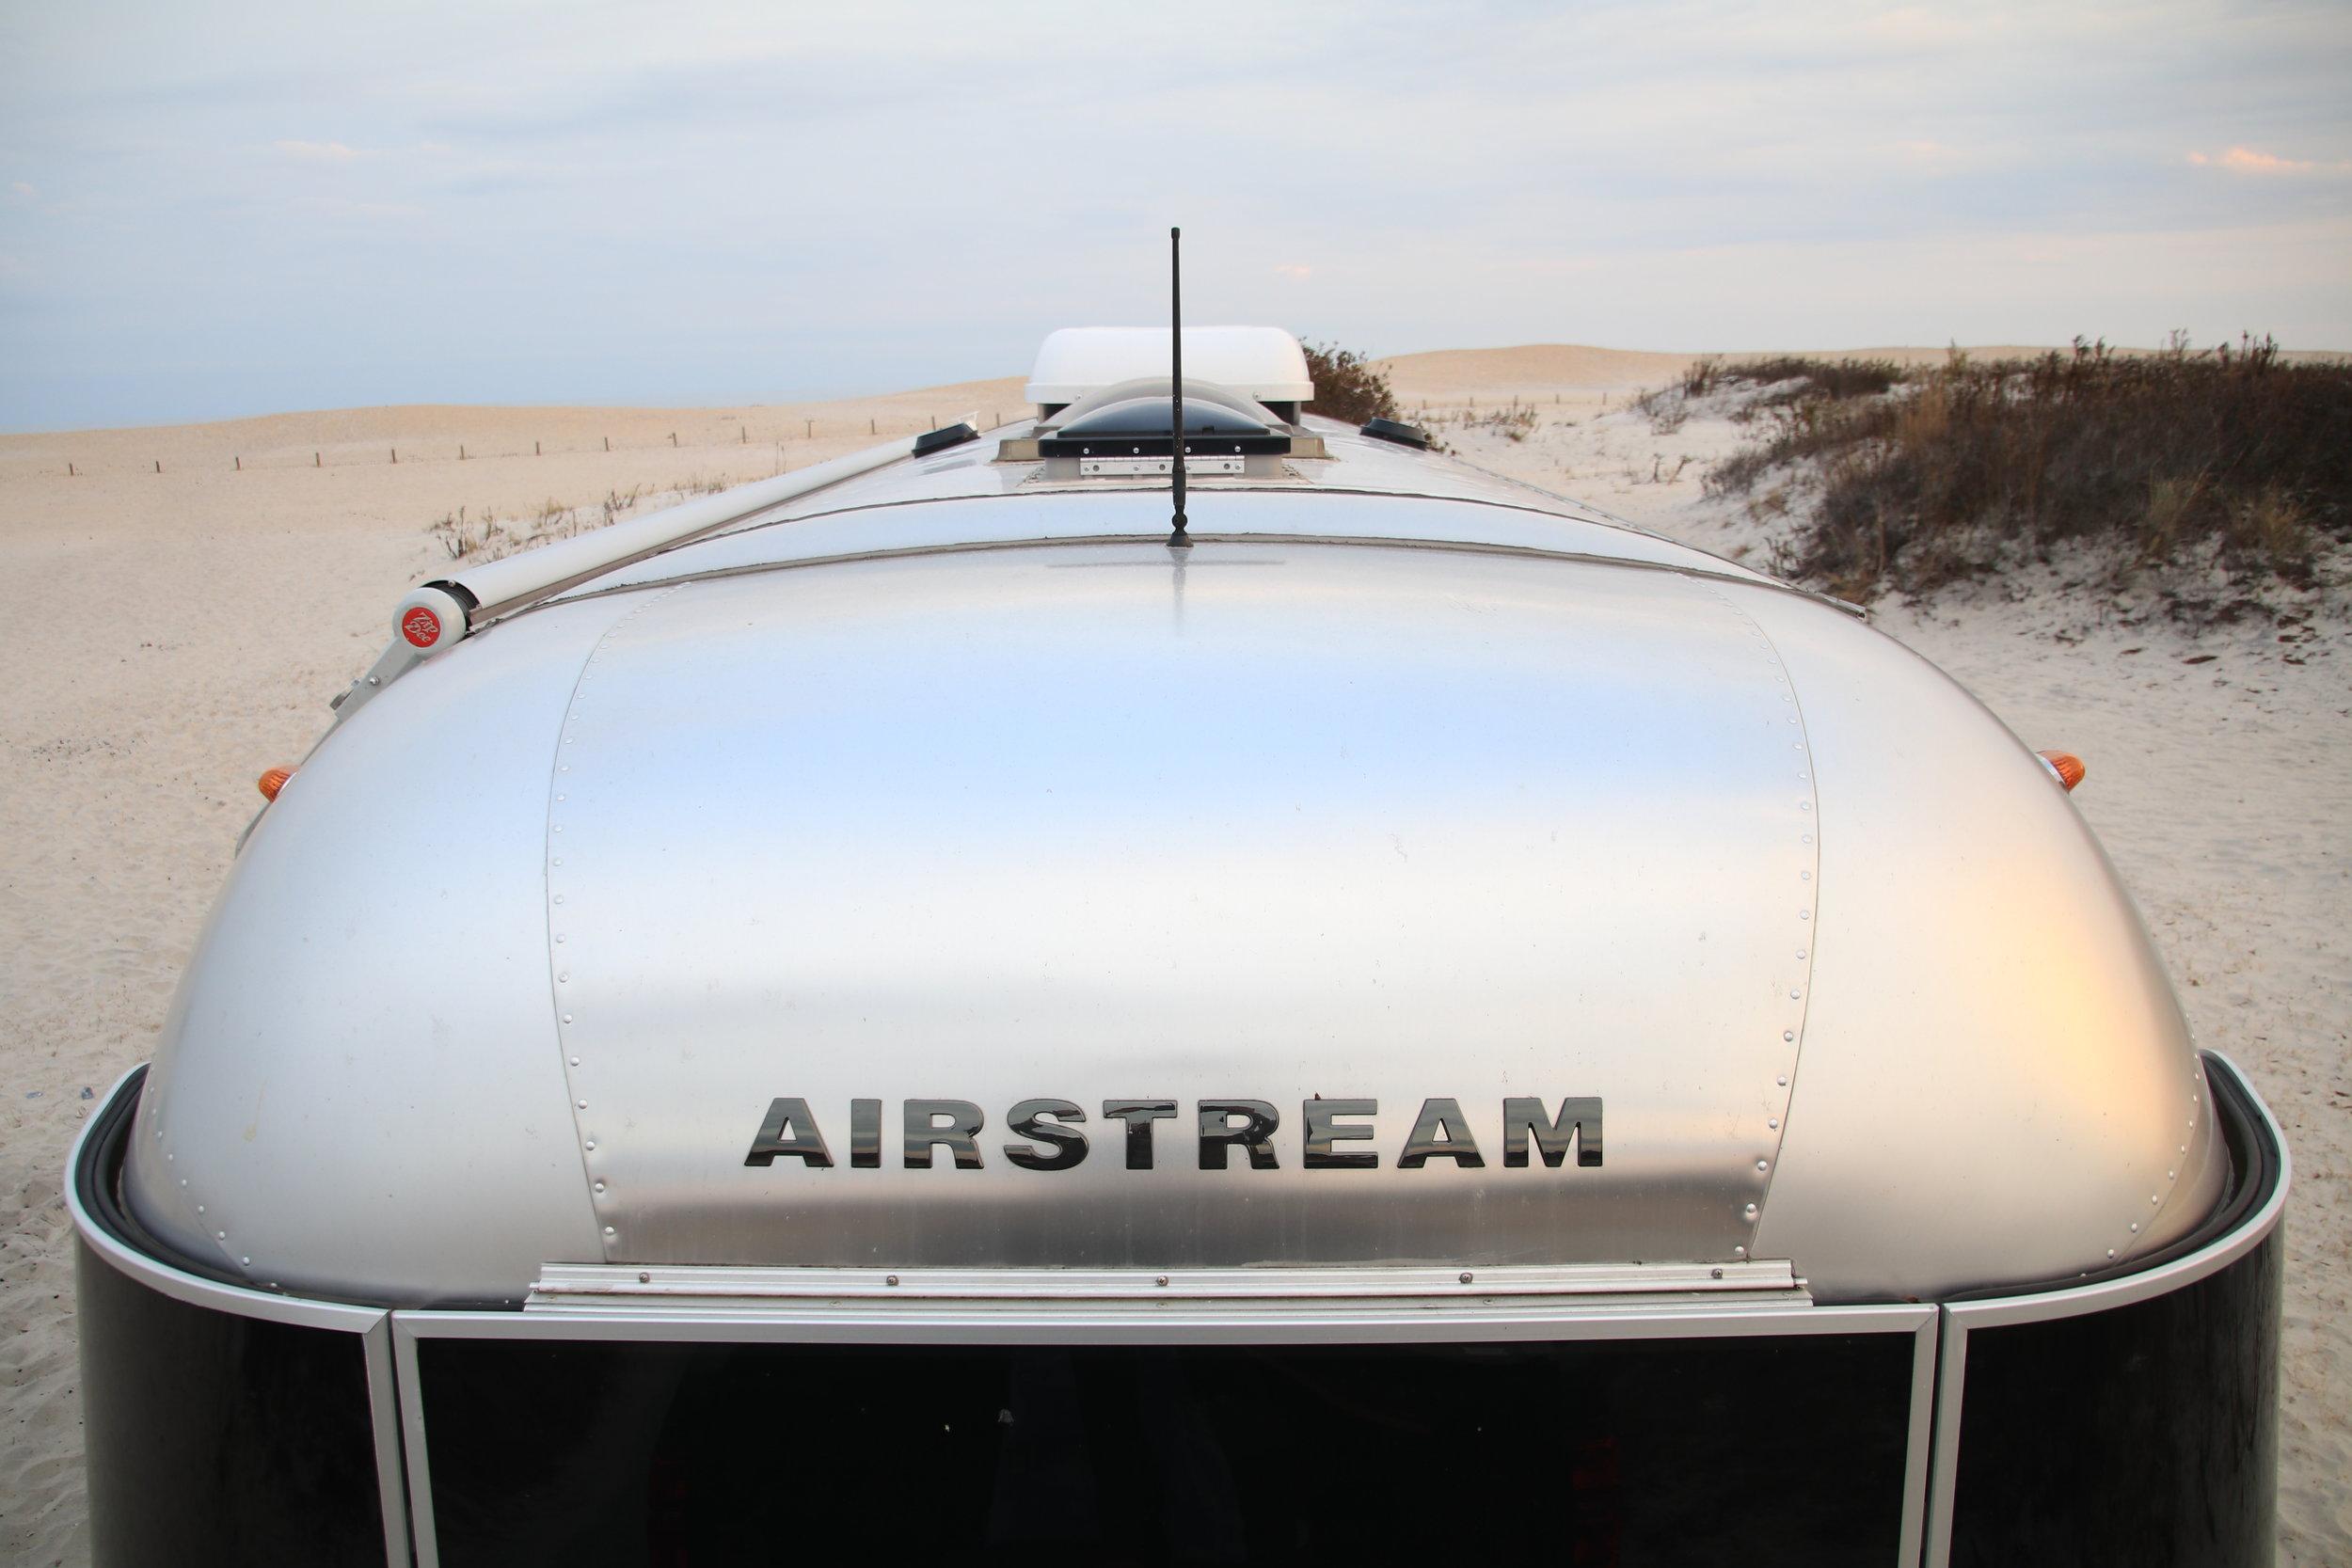 airstream-exterior-campsite-10-MD-assateagueisland04.JPG